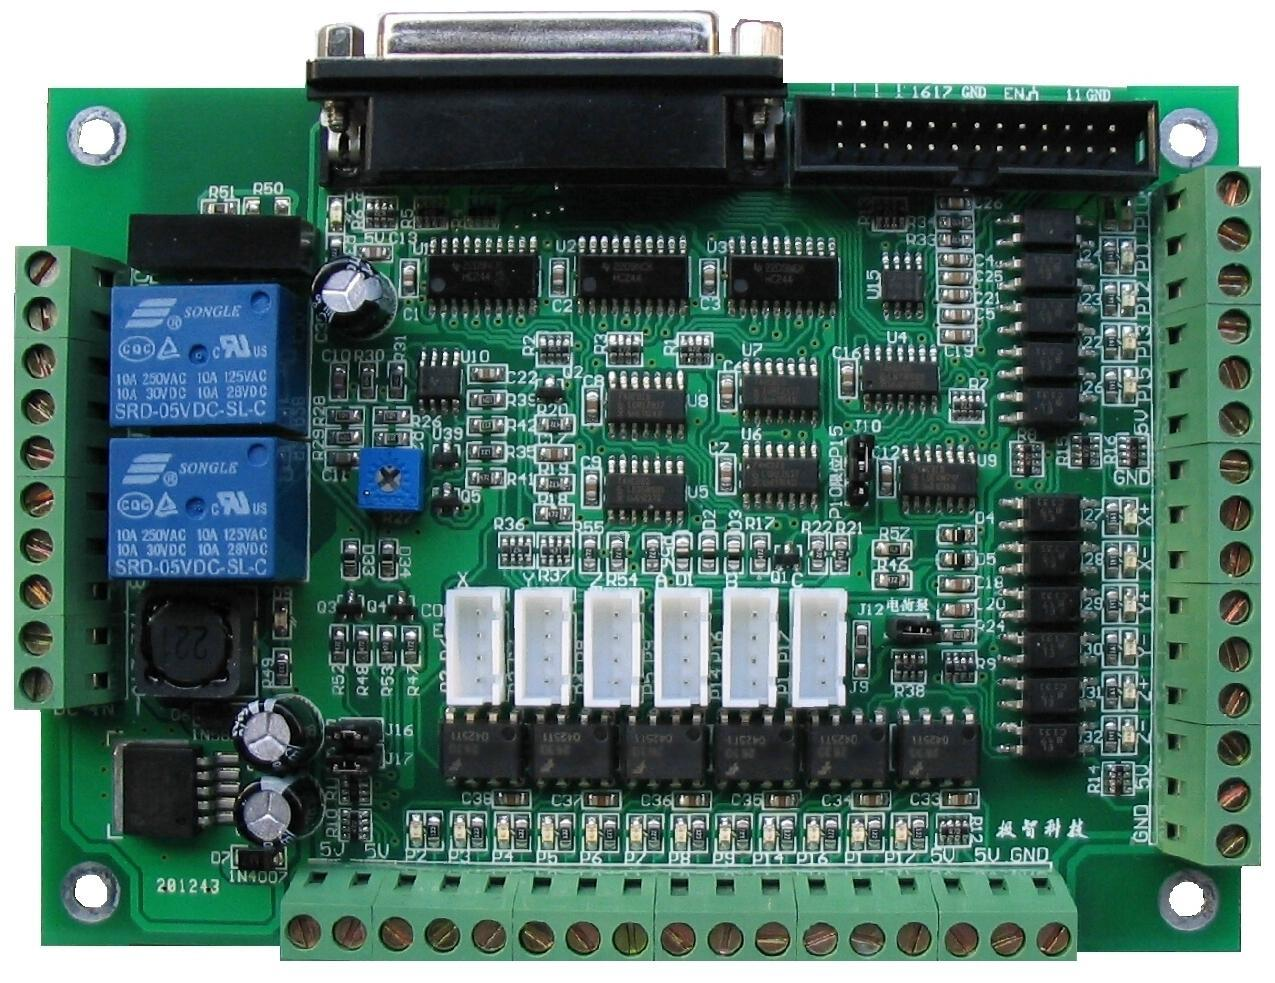 3 Axis 4 Axis 5 Axis 6 Axis High Speed Optocoupler CNC Machine Interface Board MACH3 Engraving Machine Foam Cutting Machine